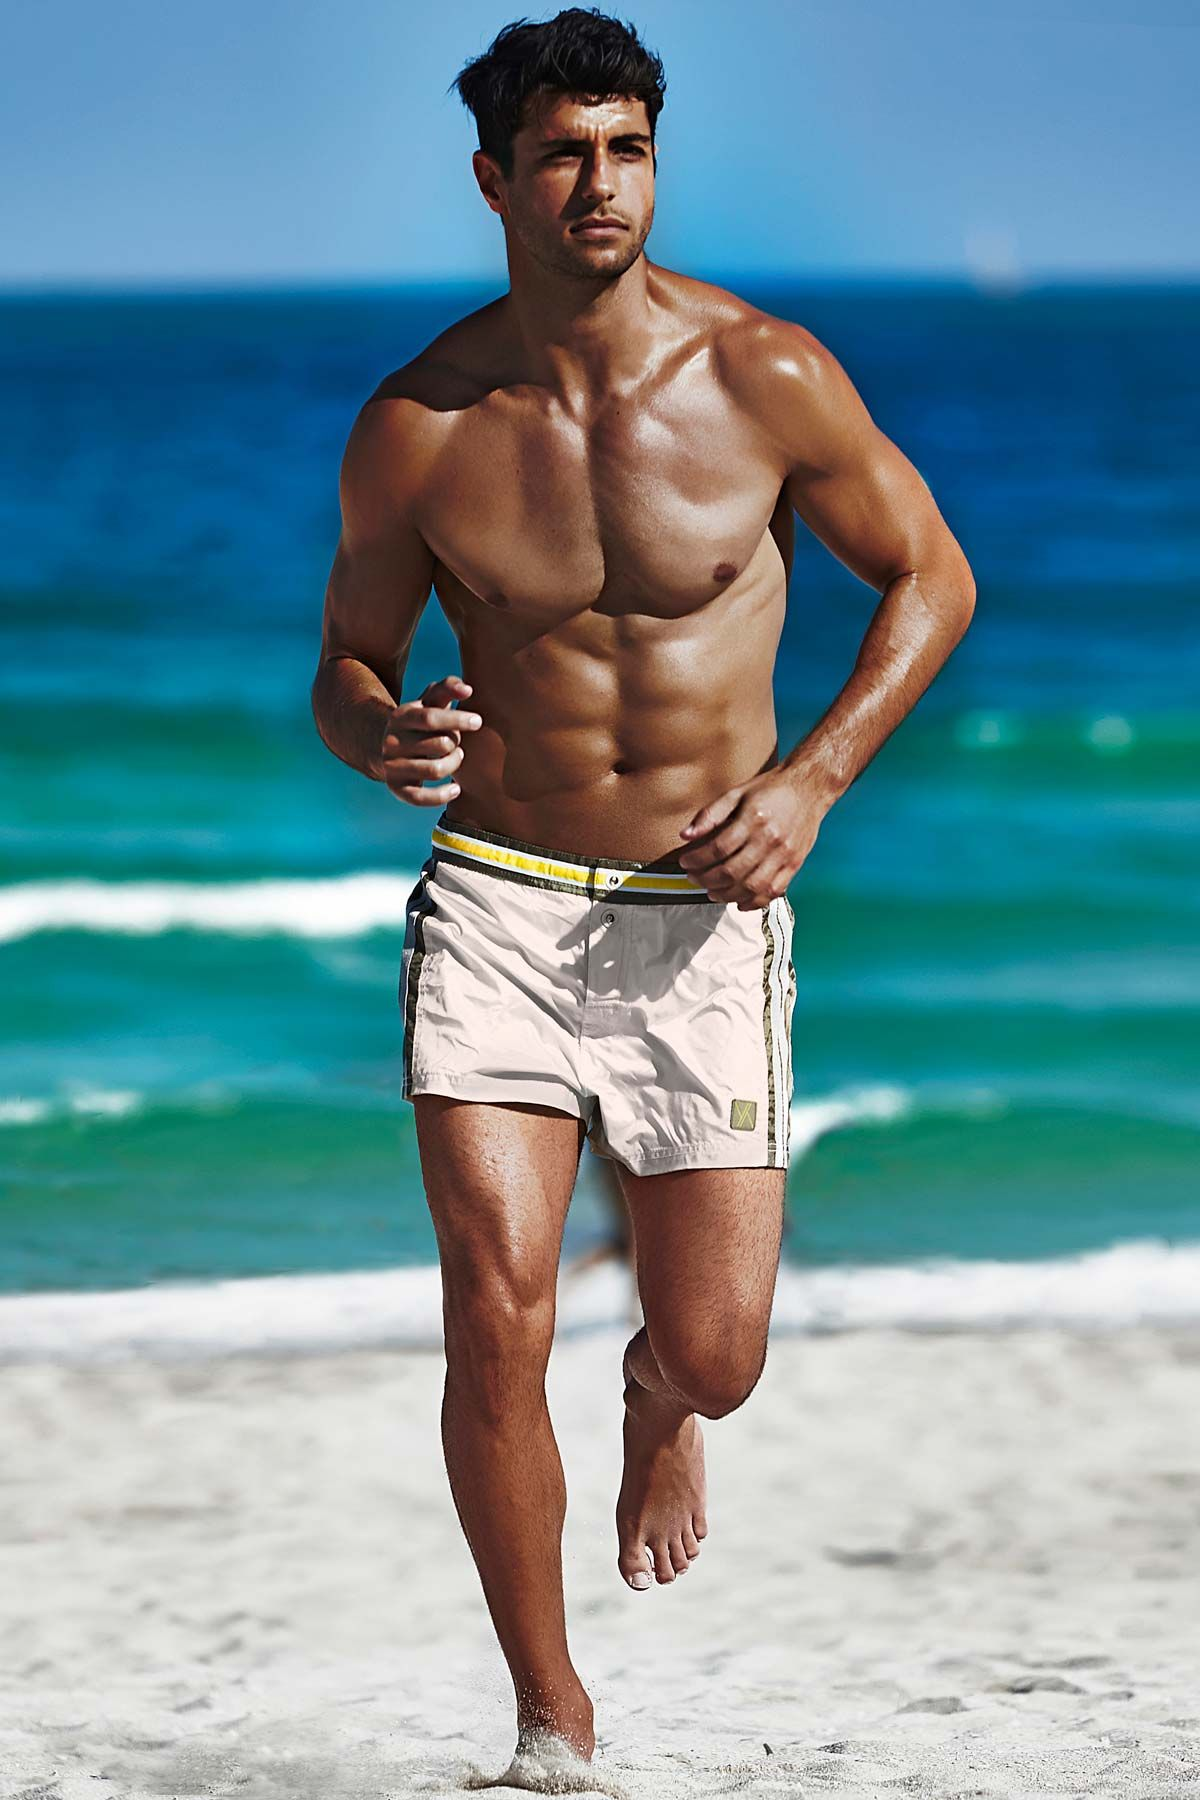 Jason beach wet men stoner bikini